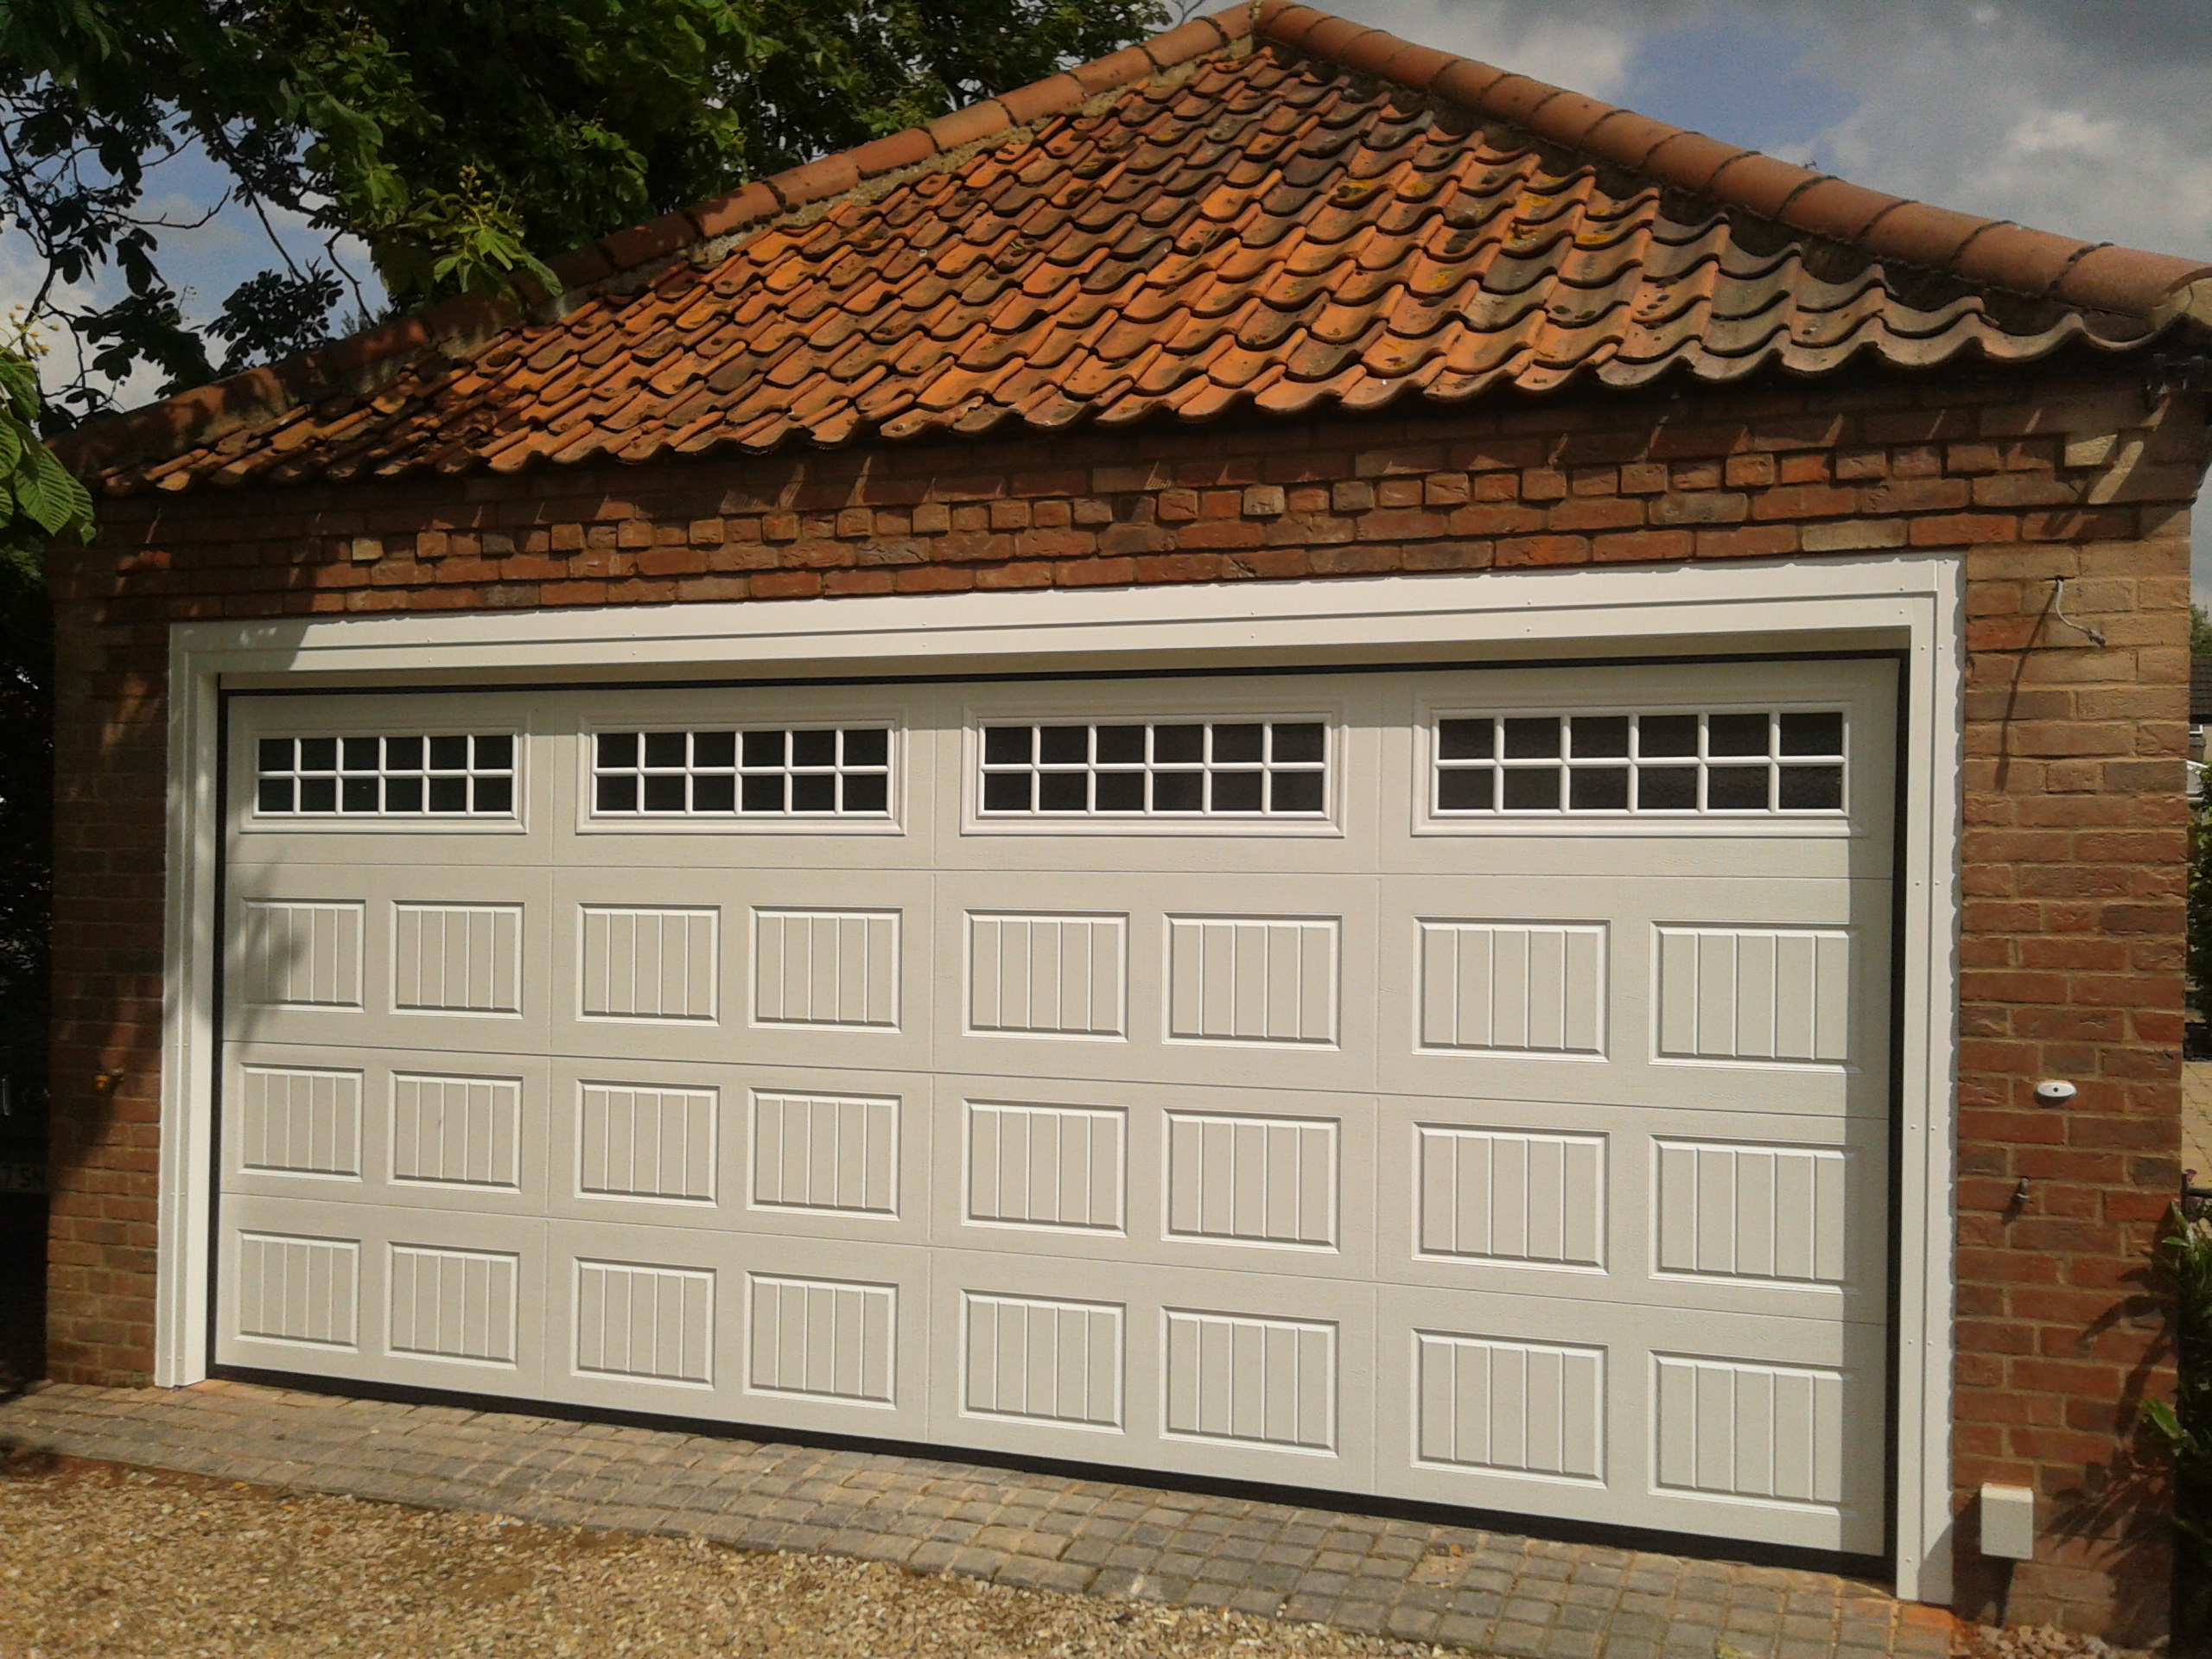 1920 #9E5D2D Double Automatic Garage Door – Garage Door Company Grantham image Garage Doors Company 35832560